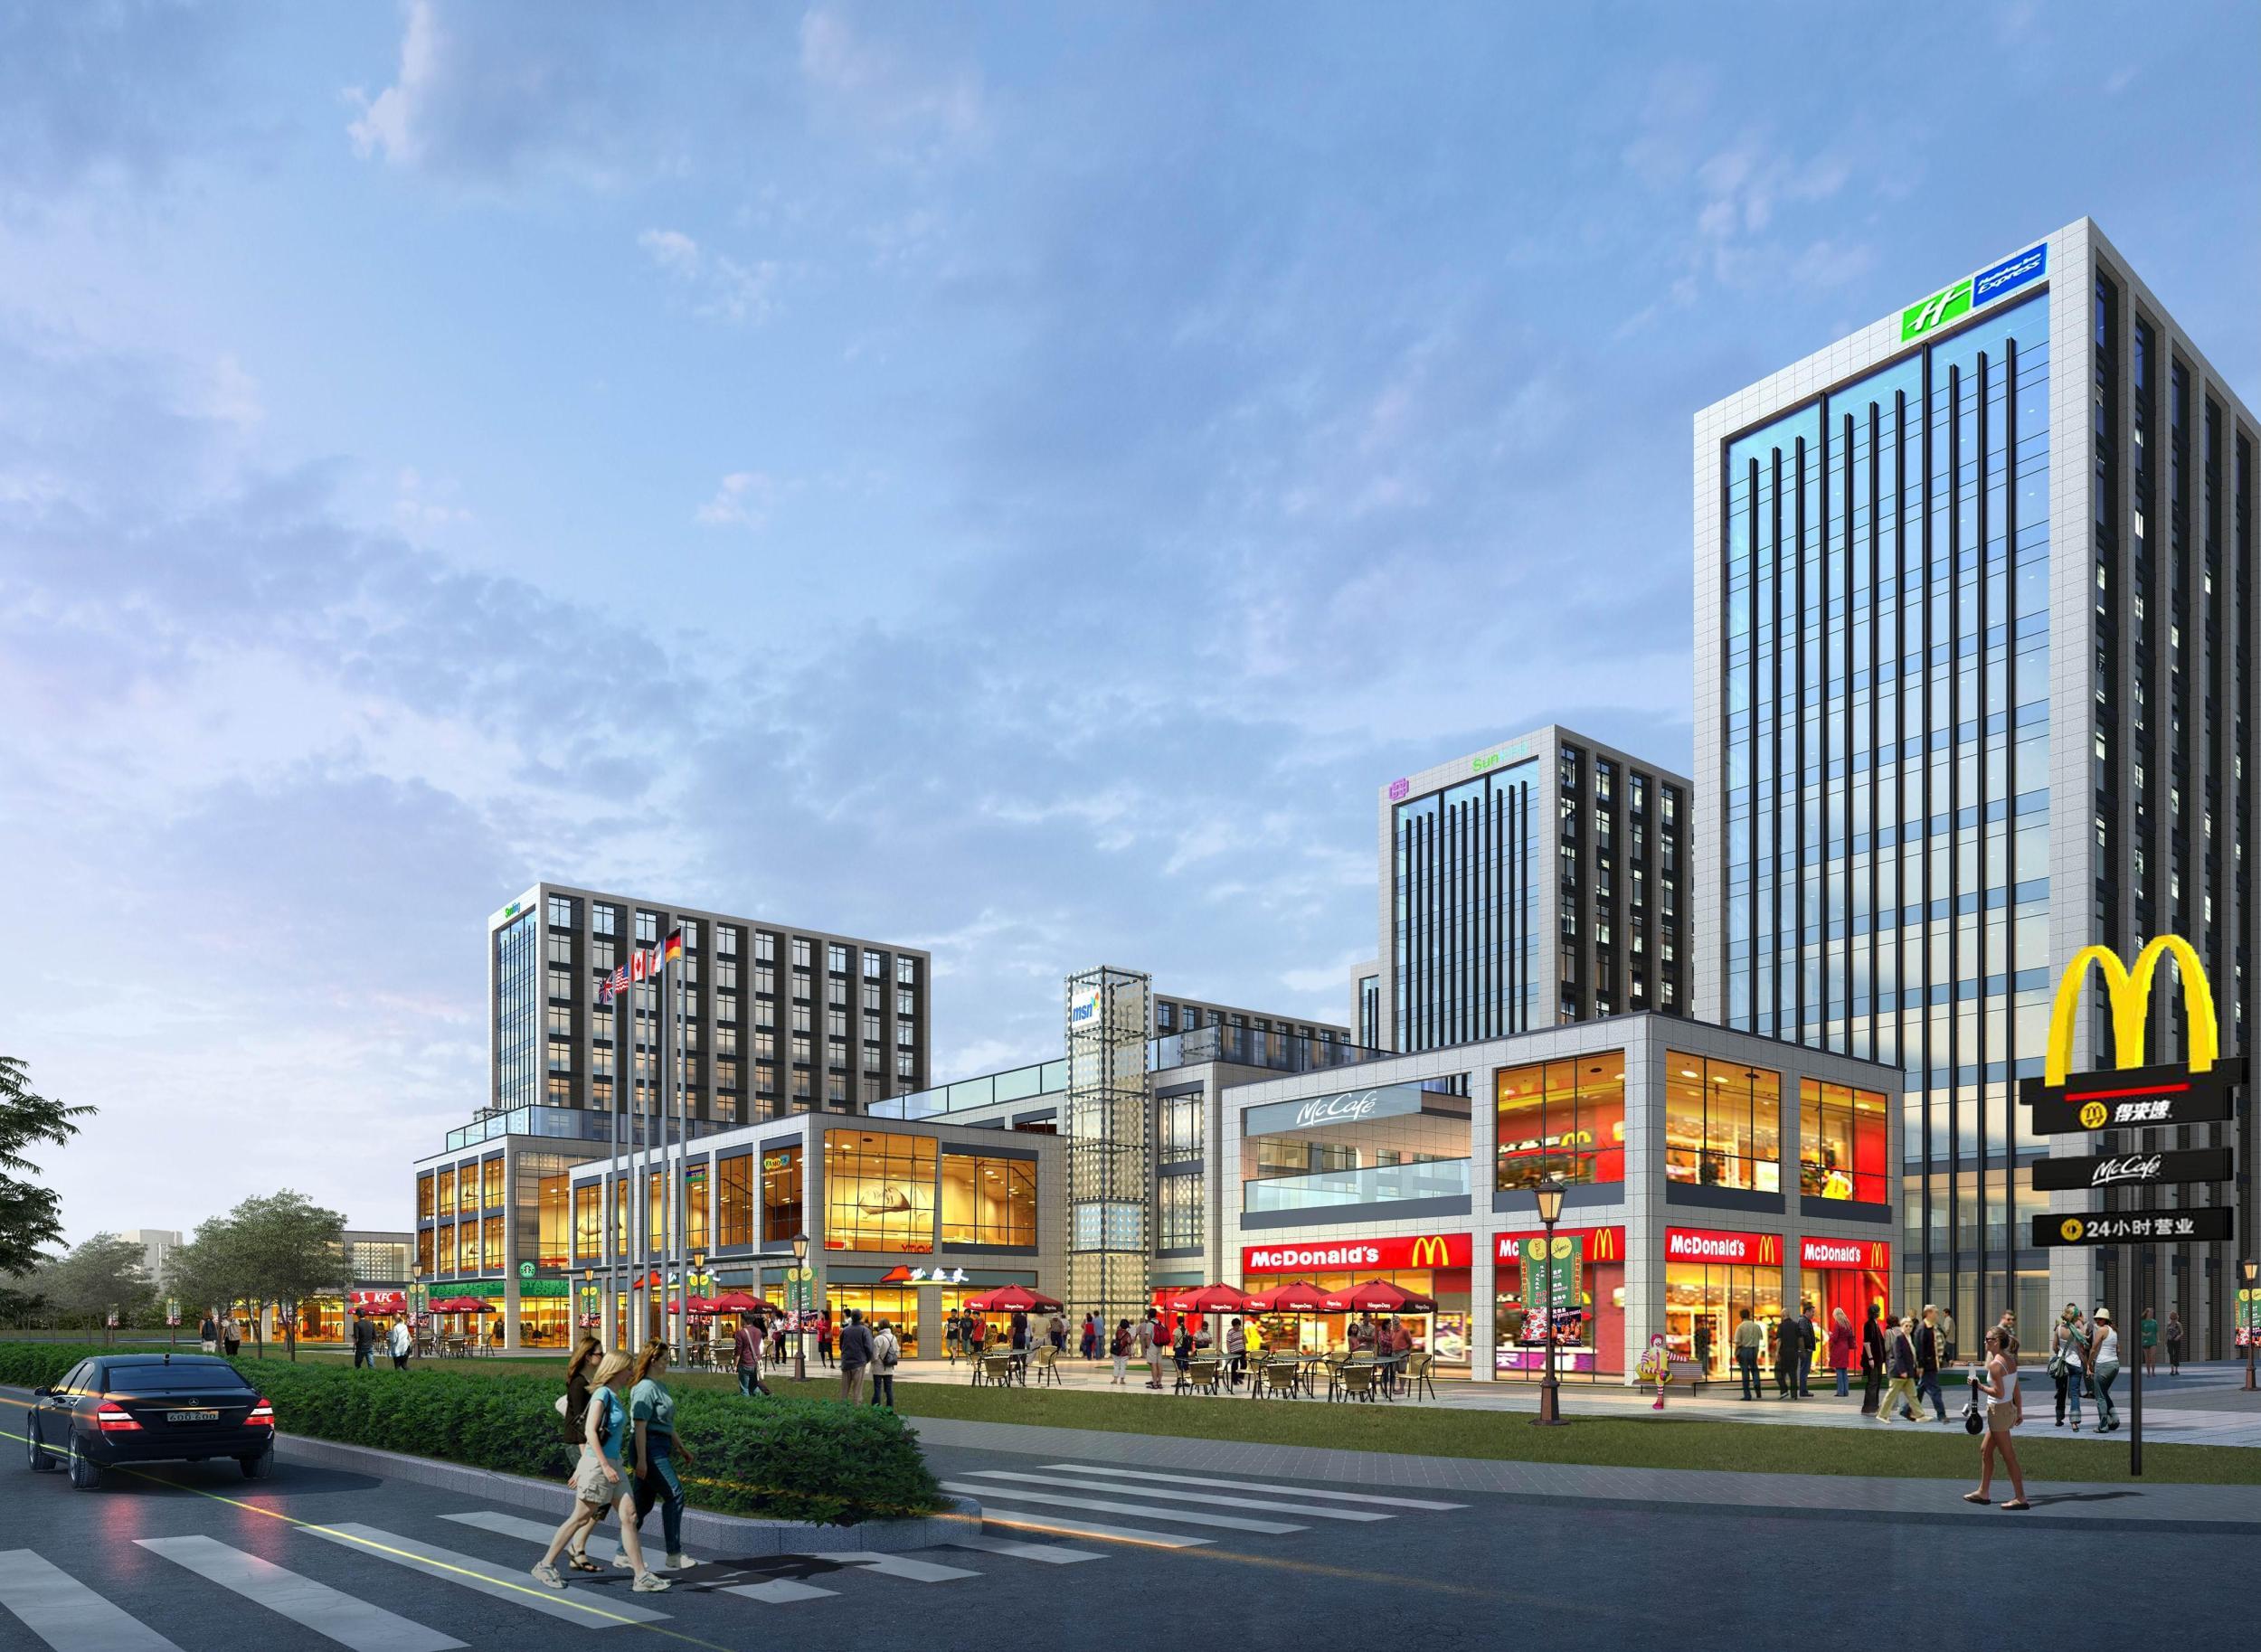 杭城首家麦当劳黄金标准餐厅将入驻赛银国际广场